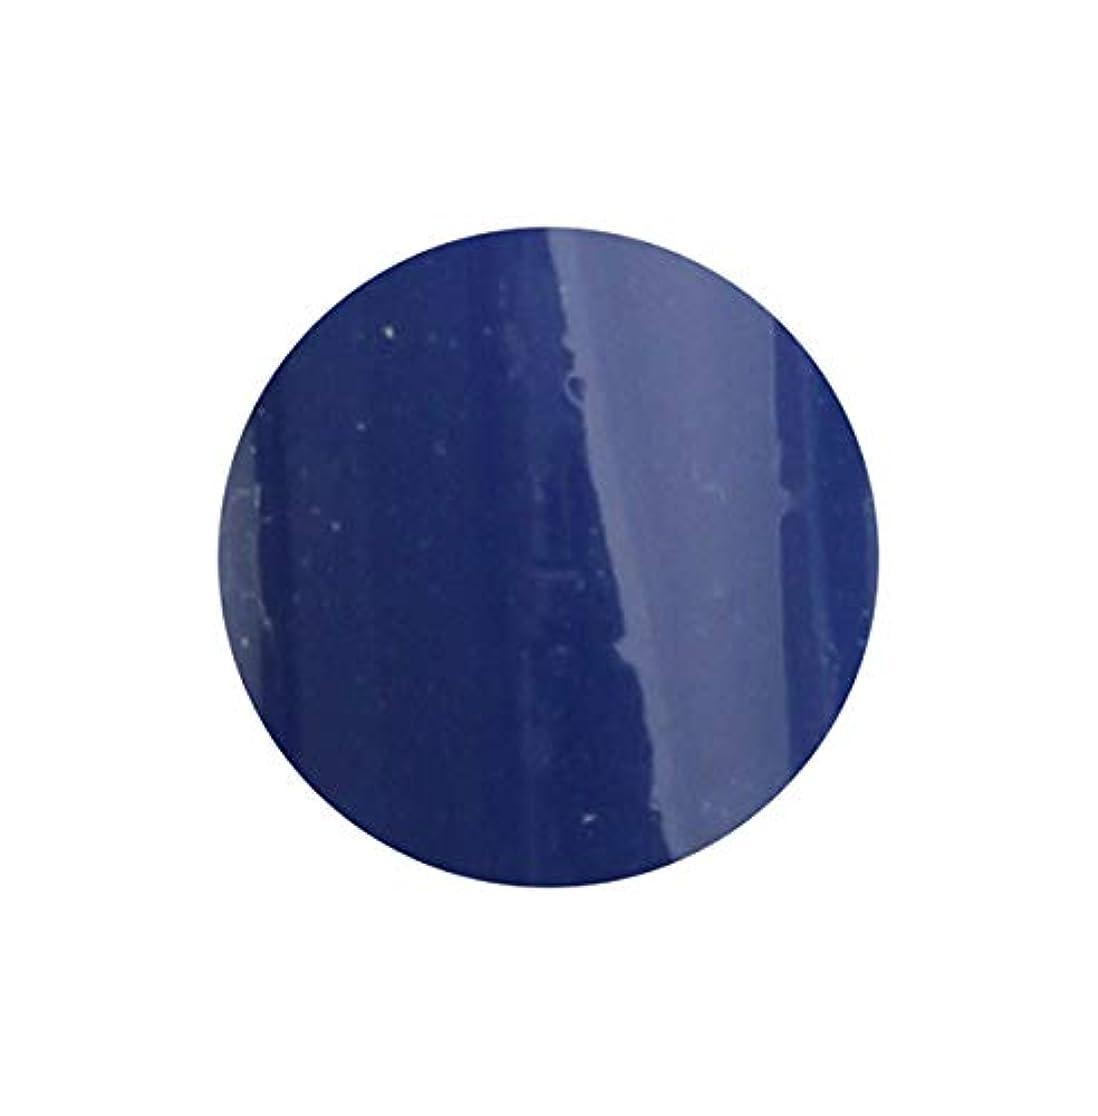 ランデブー残り物解き明かすSHAREYDVA シャレドワ+ ネイルカラー No.34 ロイヤルブルー